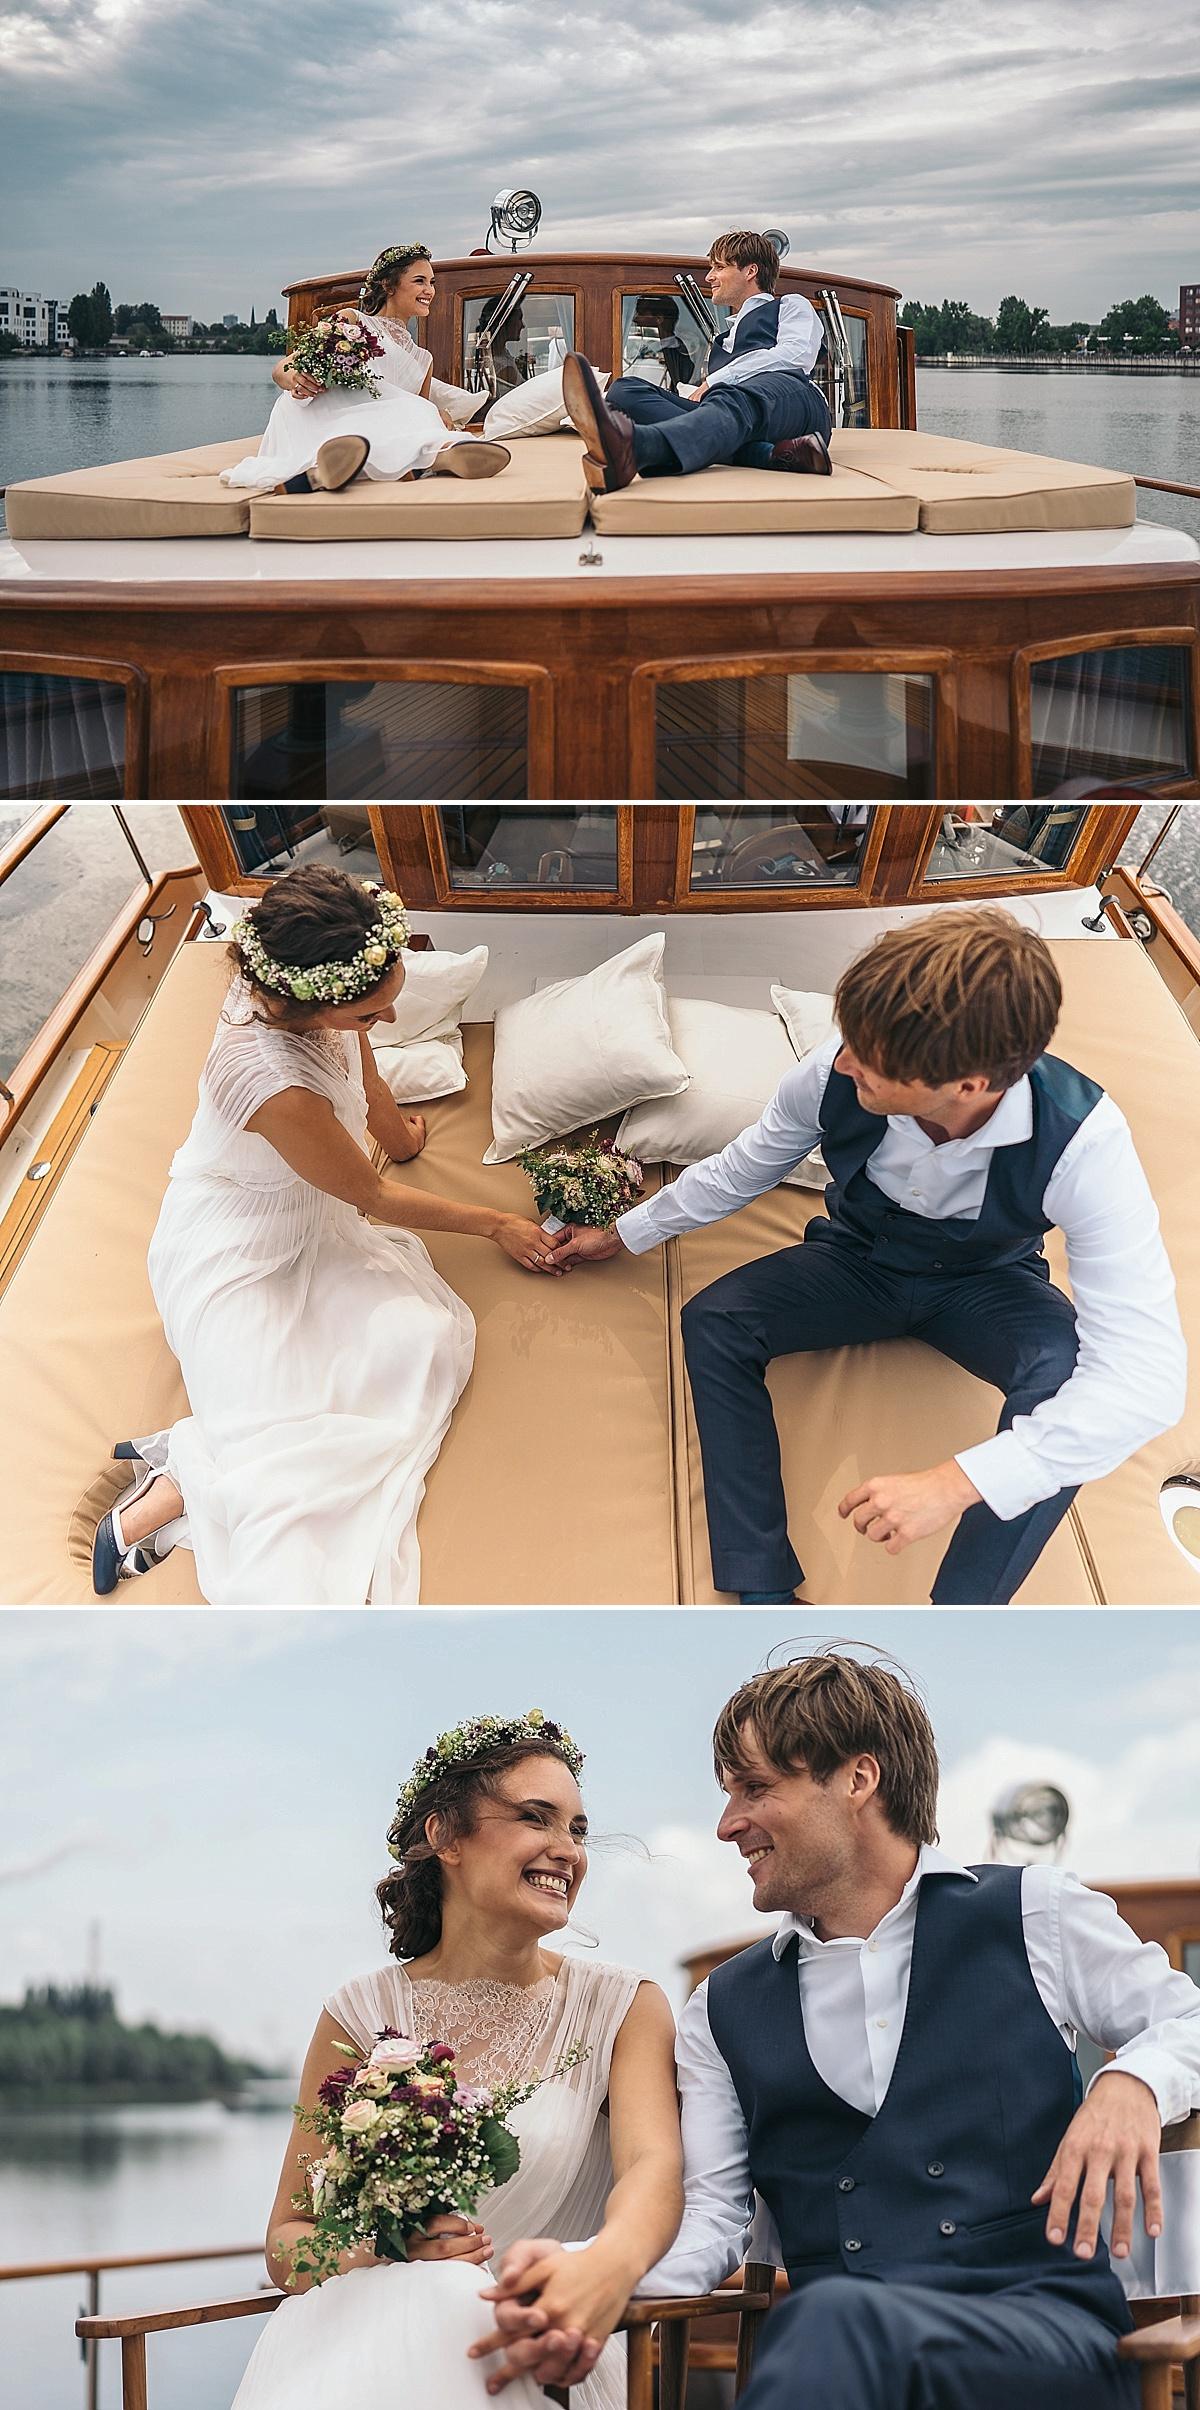 Hochzeit_Yacht_Berlin_0009